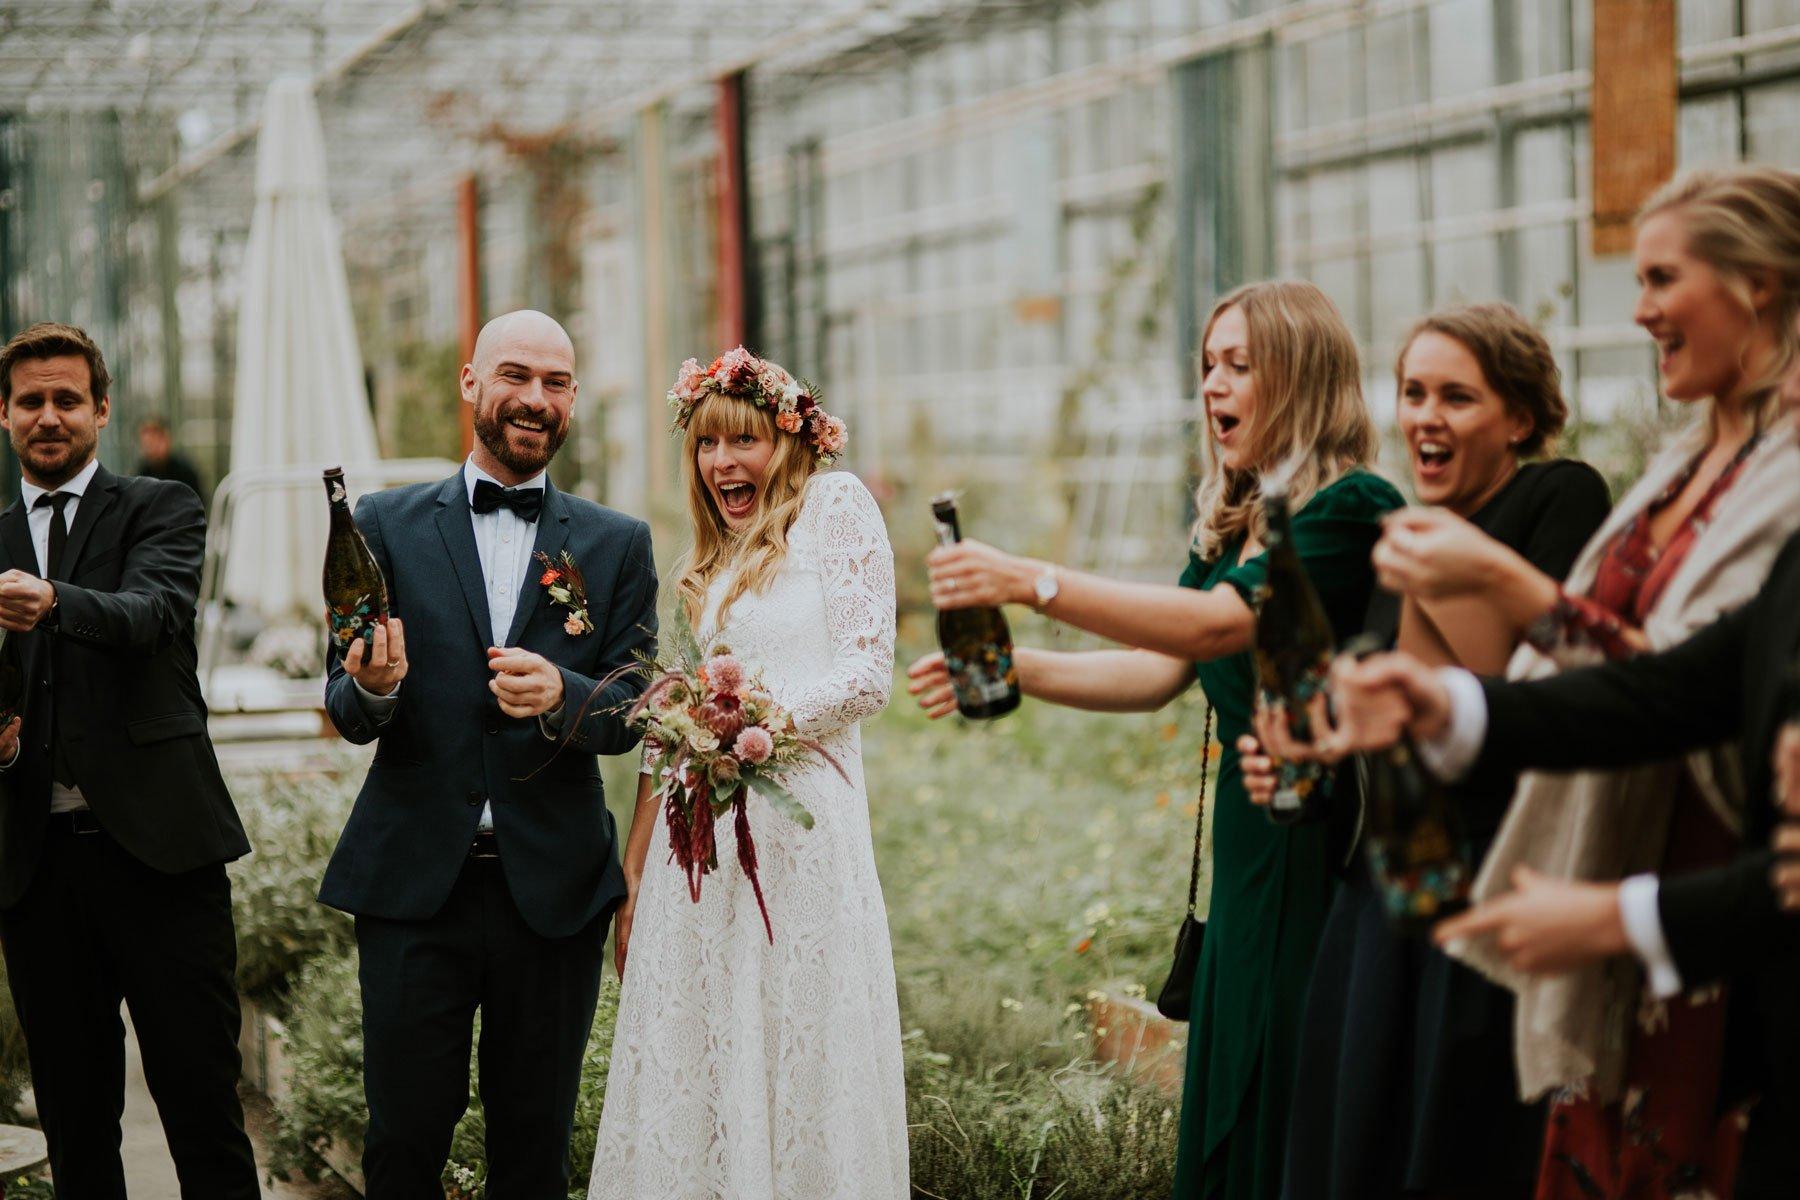 cheers norwegian wedding lineowrenfotografi tuvamats